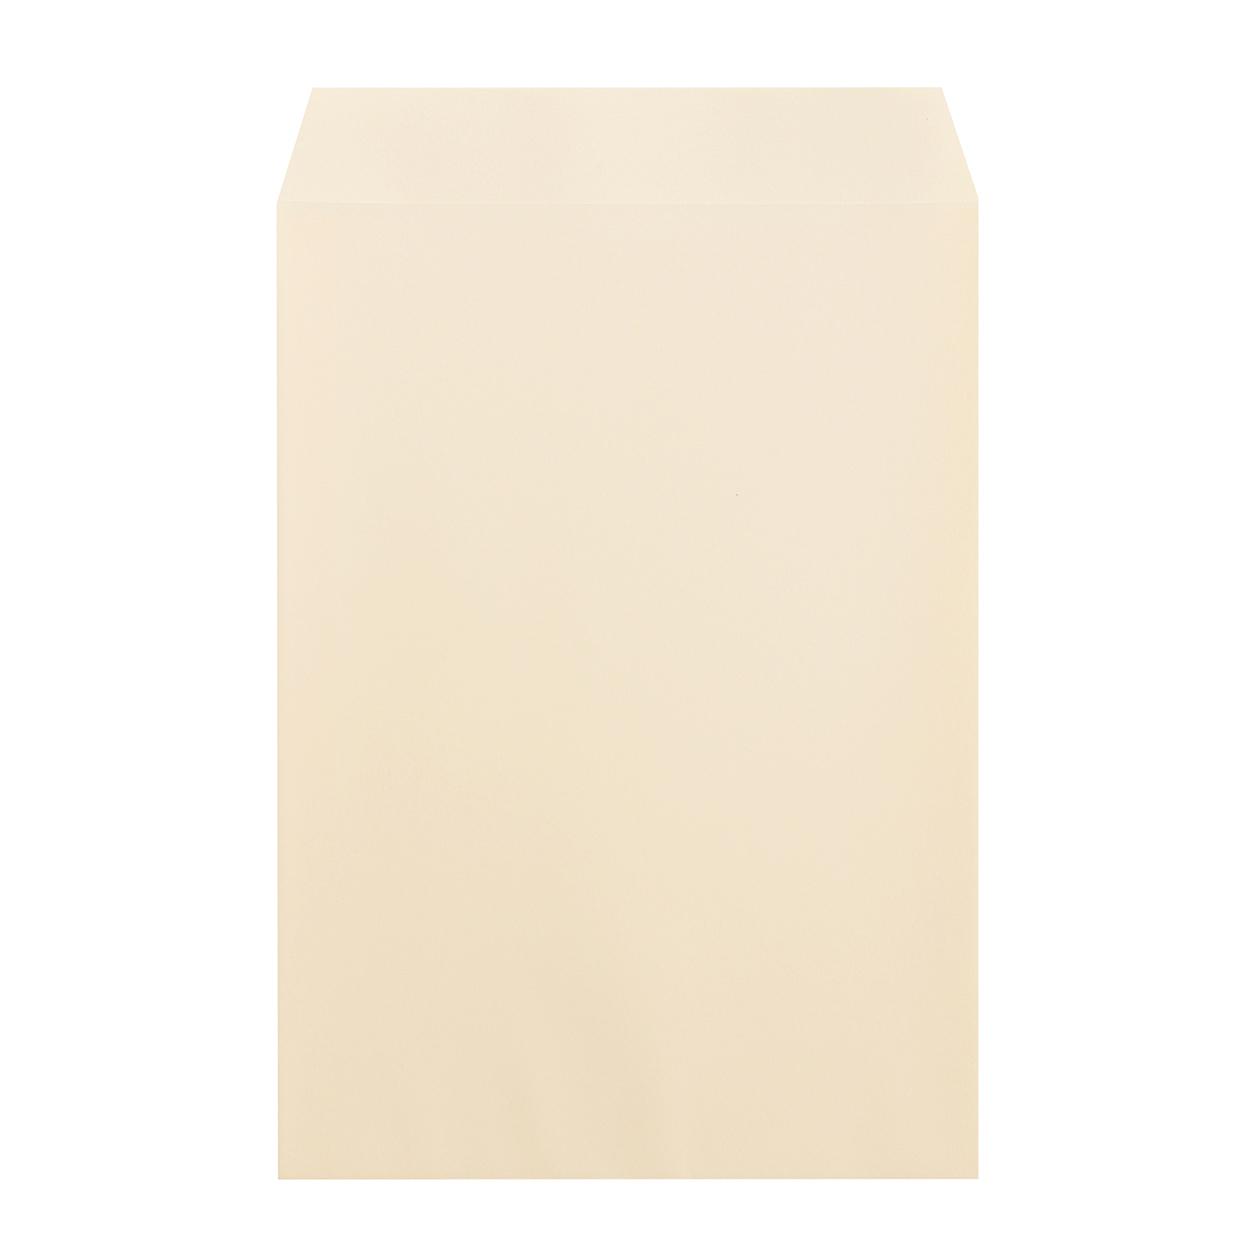 角2封筒 コットン ナチュラル 116.3g